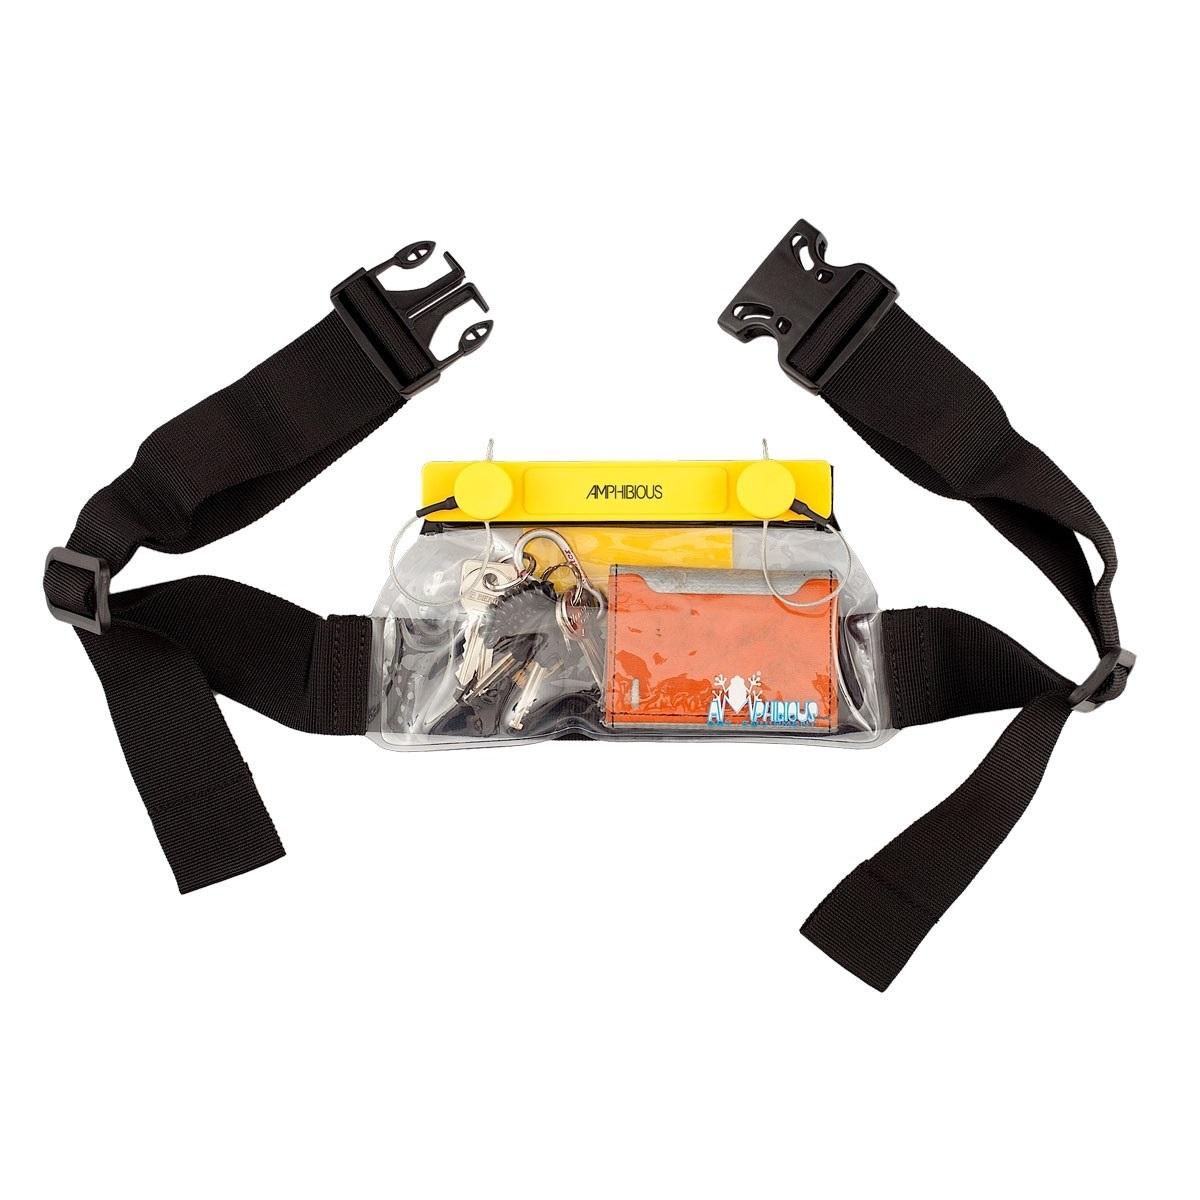 Riñonera estanca con cinturón Amphibious - Deep Case  - Medidas 9 x 21 cm. Peso 245 gr. Resistente hasta 50 m. de profundidad bajo el agua. Apropiado para uso deportivo y profesional. Compatible con pantallas táctiles.